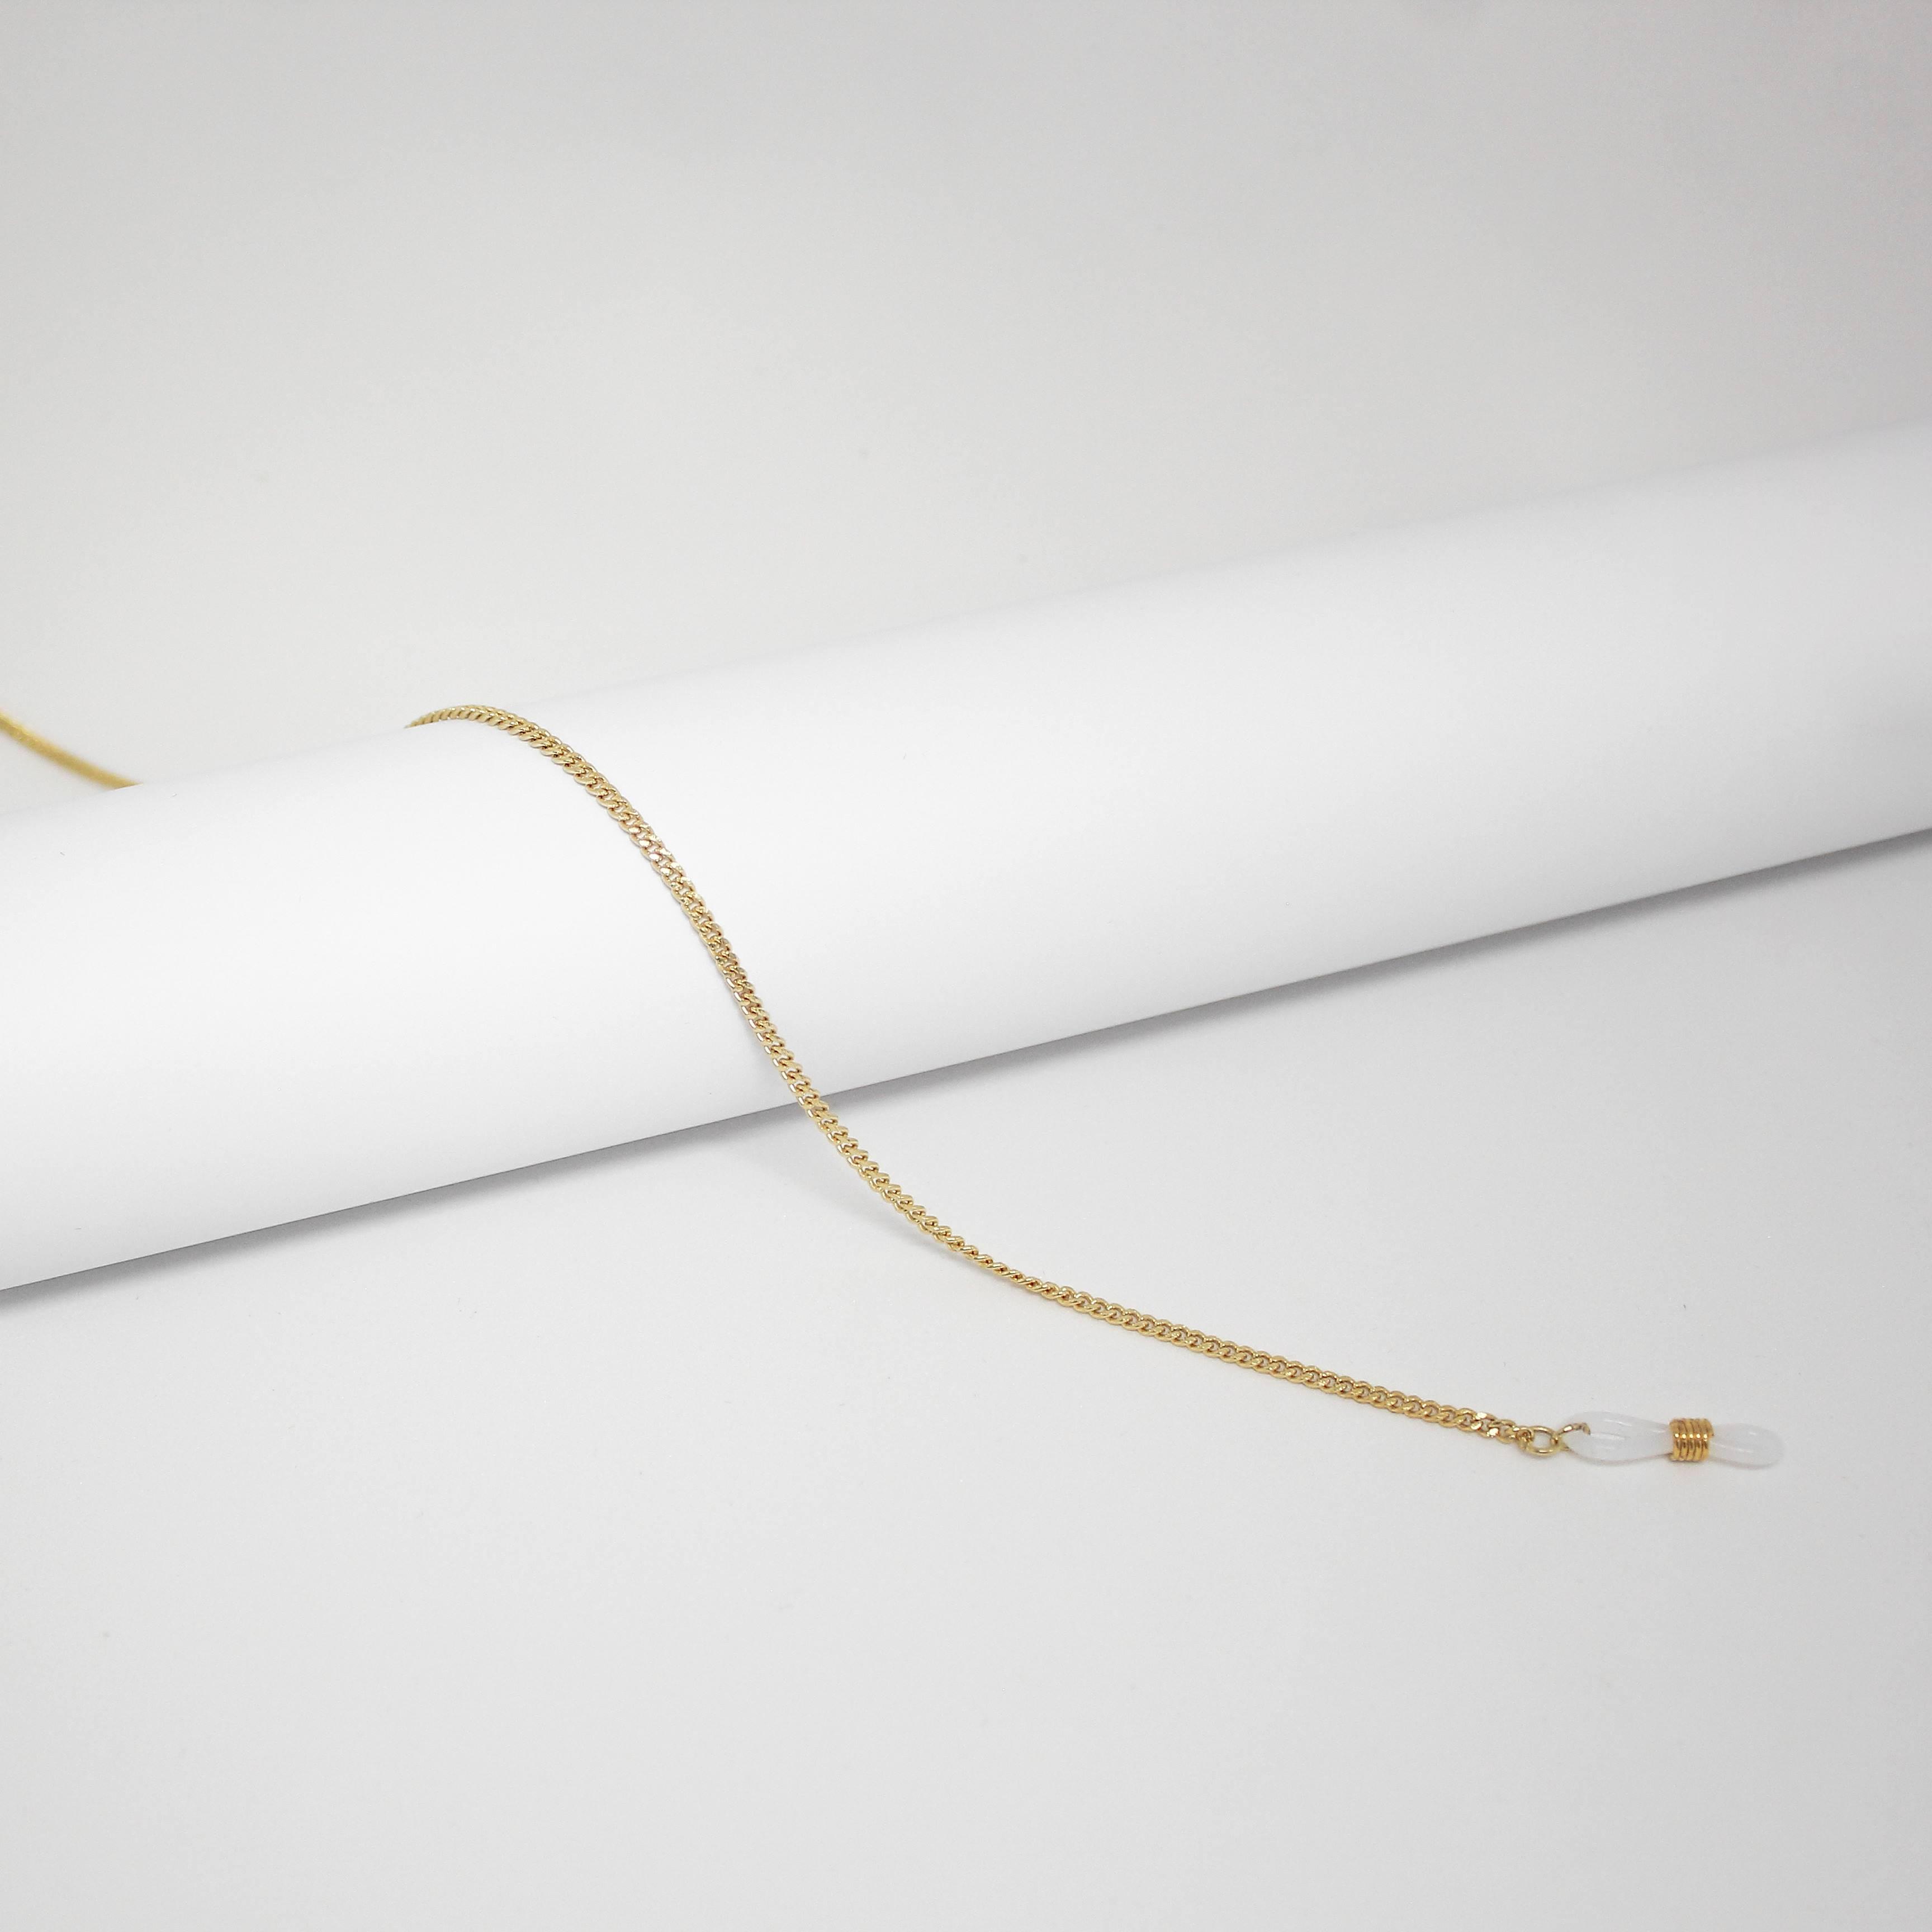 1605321 - Corrente Grumet Fina Ouro - Contém 3 Peças